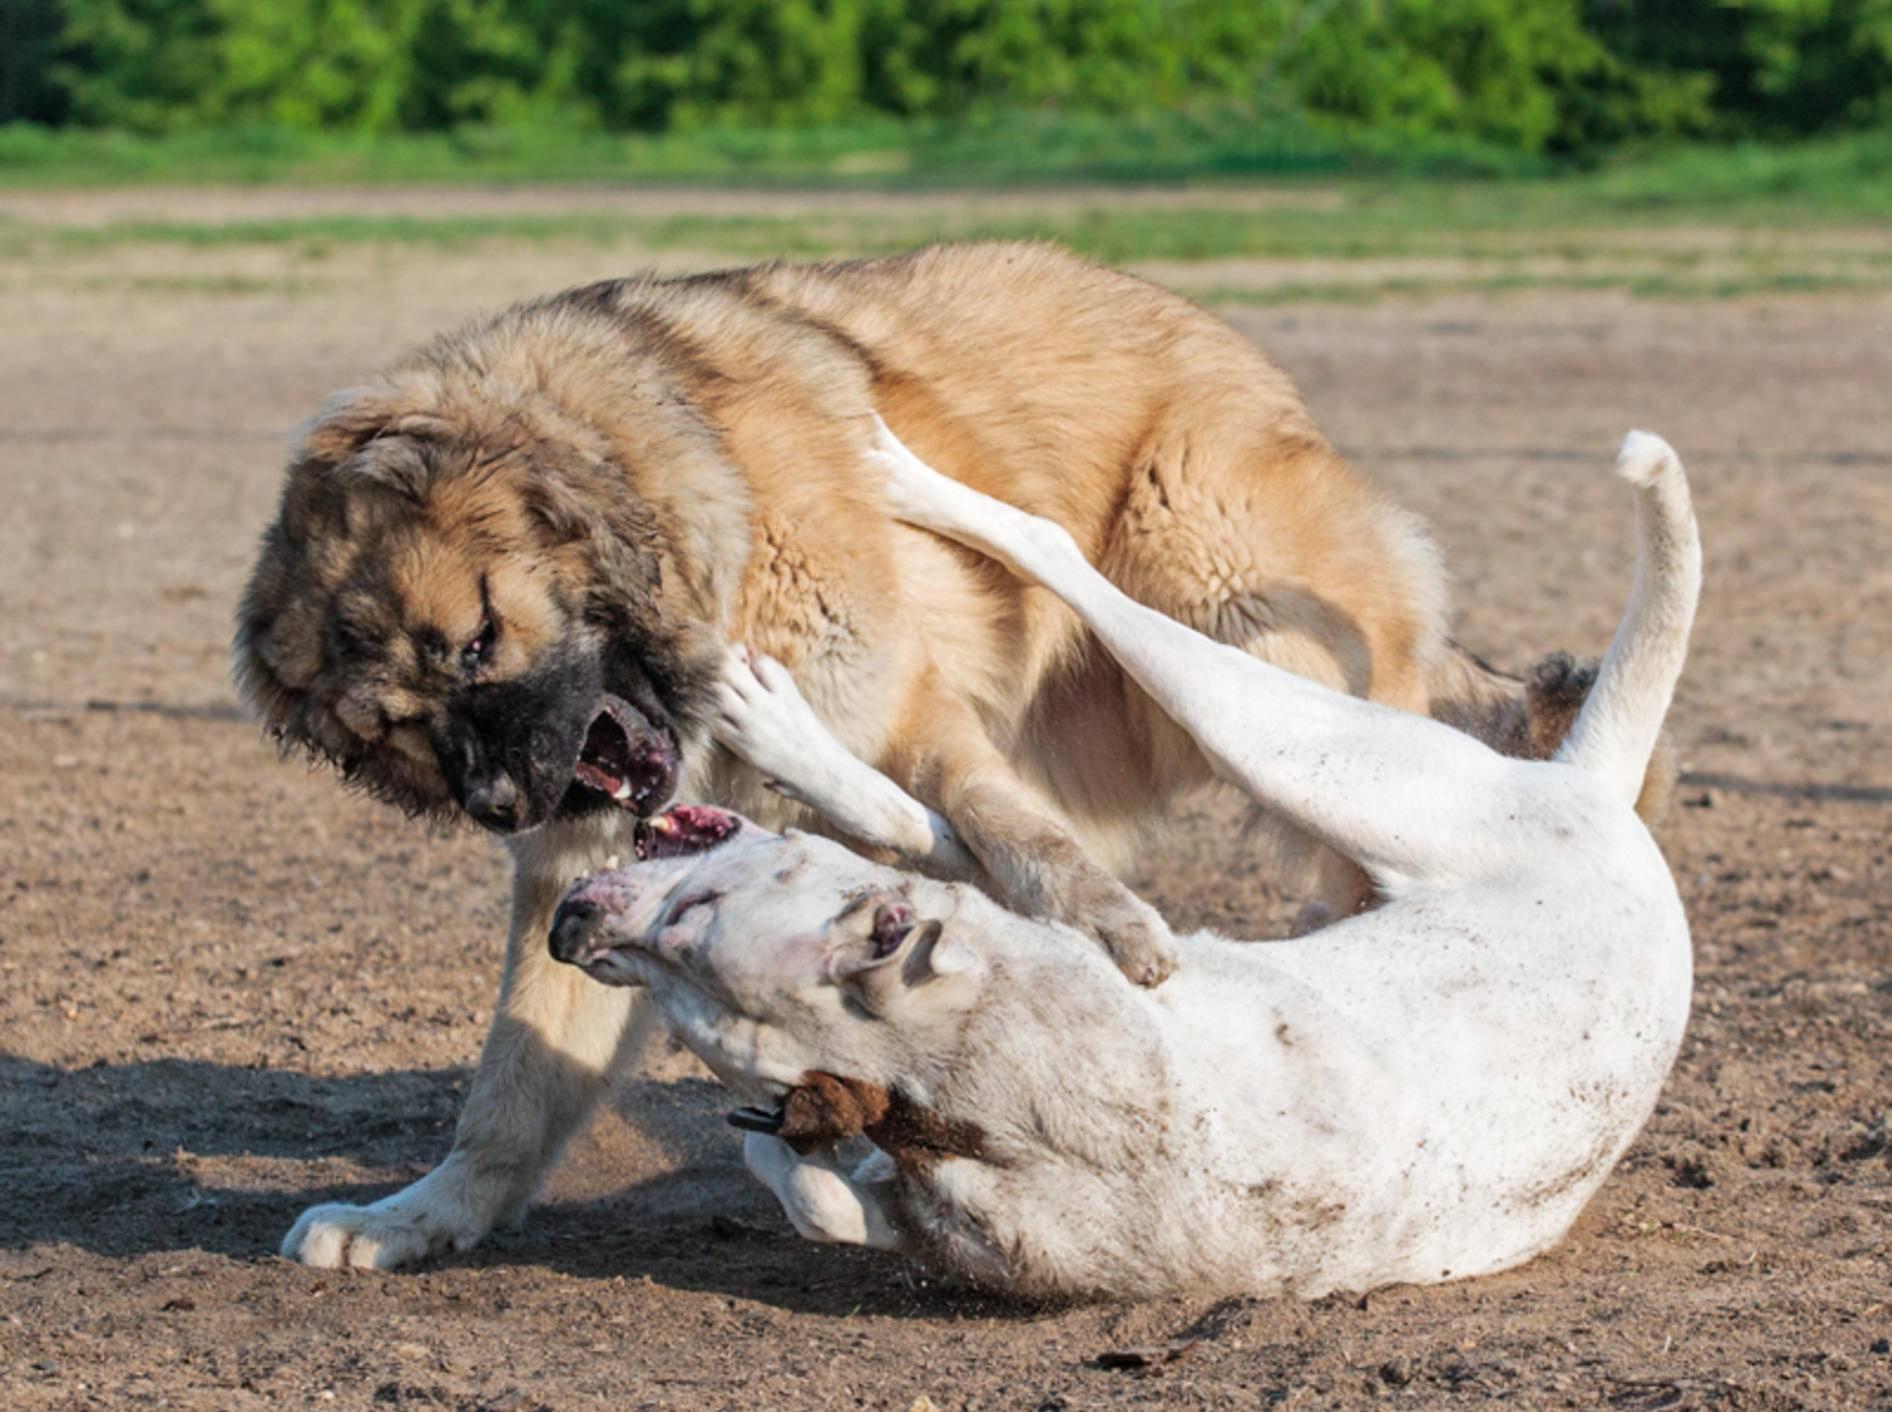 Ist das noch ein Spiel oder schon Mobbing? Zwei Hunde kämpfen – Shutterstock / Oleksiy Rybakov